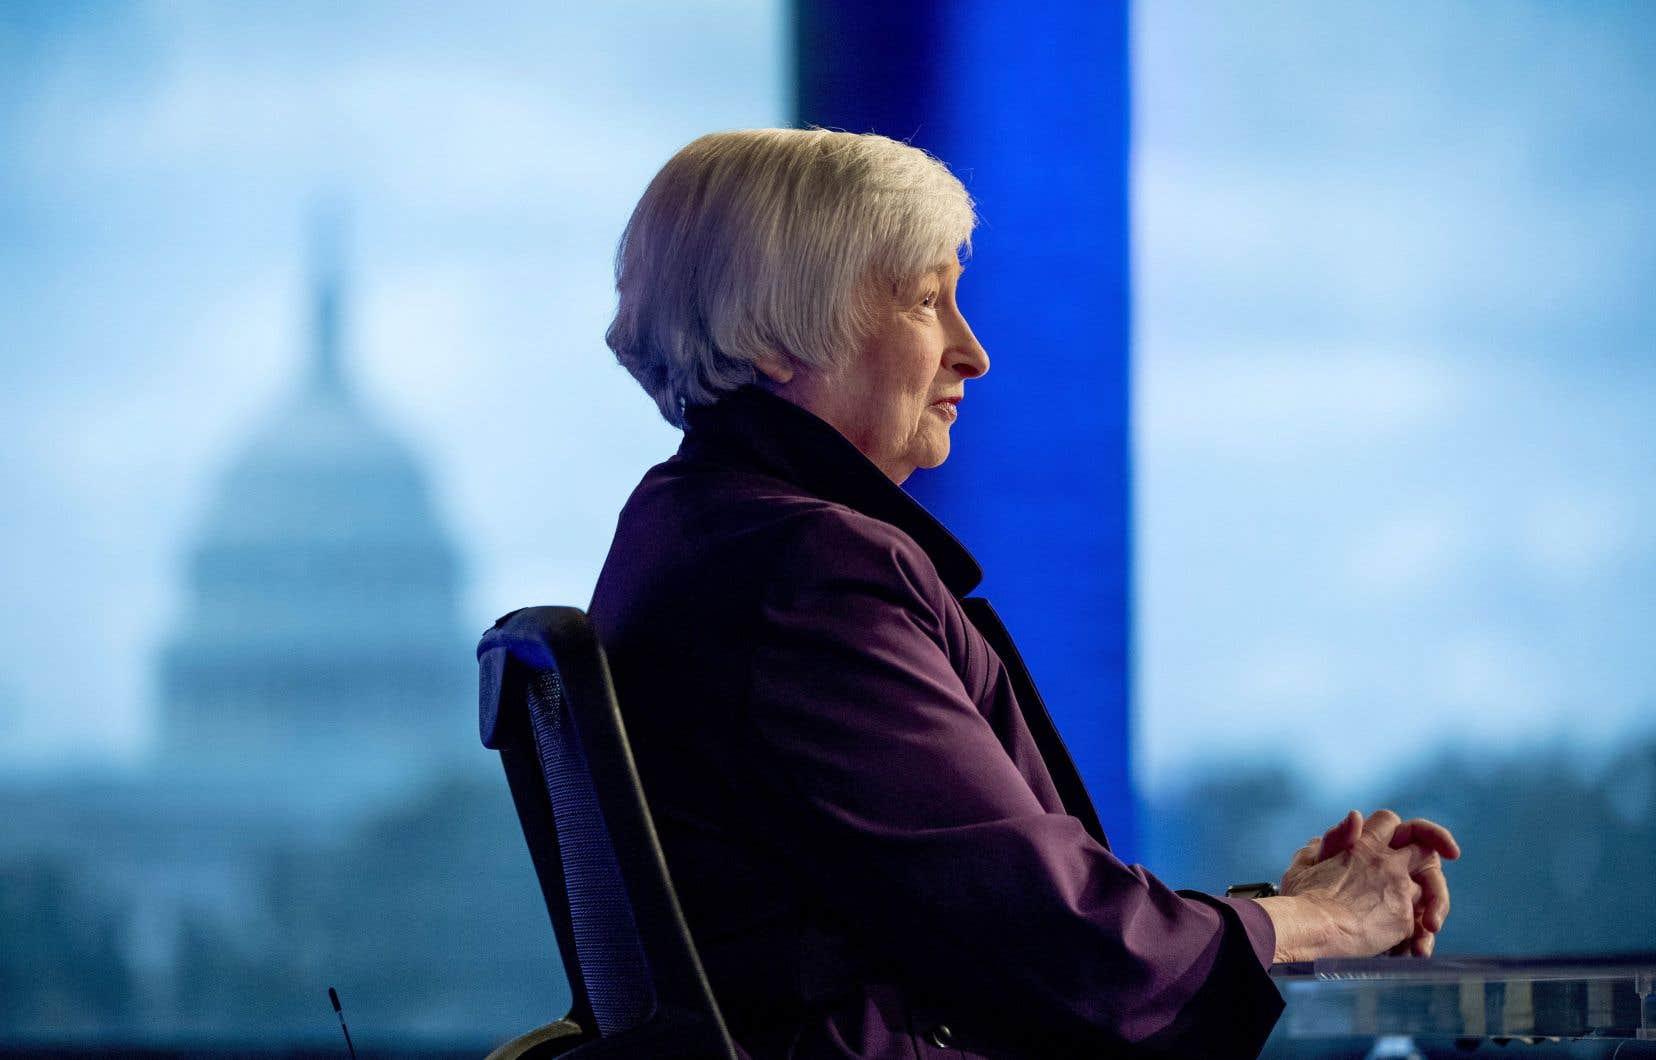 «Nous devons vraiment nous assurer que nos marchés financiers fonctionnent correctement et que les investisseurs sont protégés», a déclaré la secrétaire au Trésor, Janet Yellen, jeudi, sur la chaîne ABC.